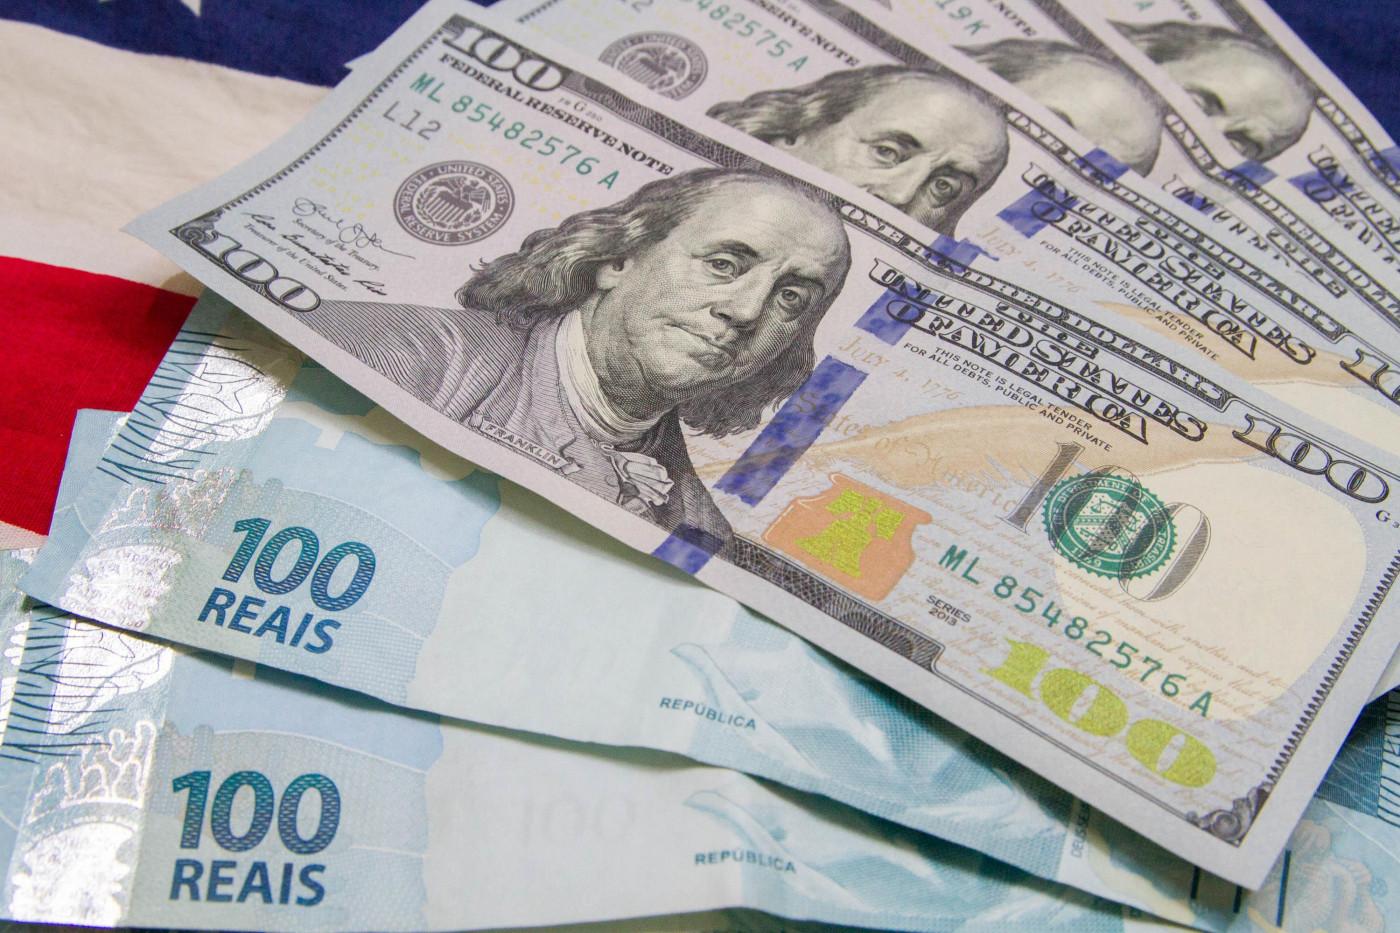 Notas de real e dólar espalhadas em cima de uma bandeira dos Estados Unidos